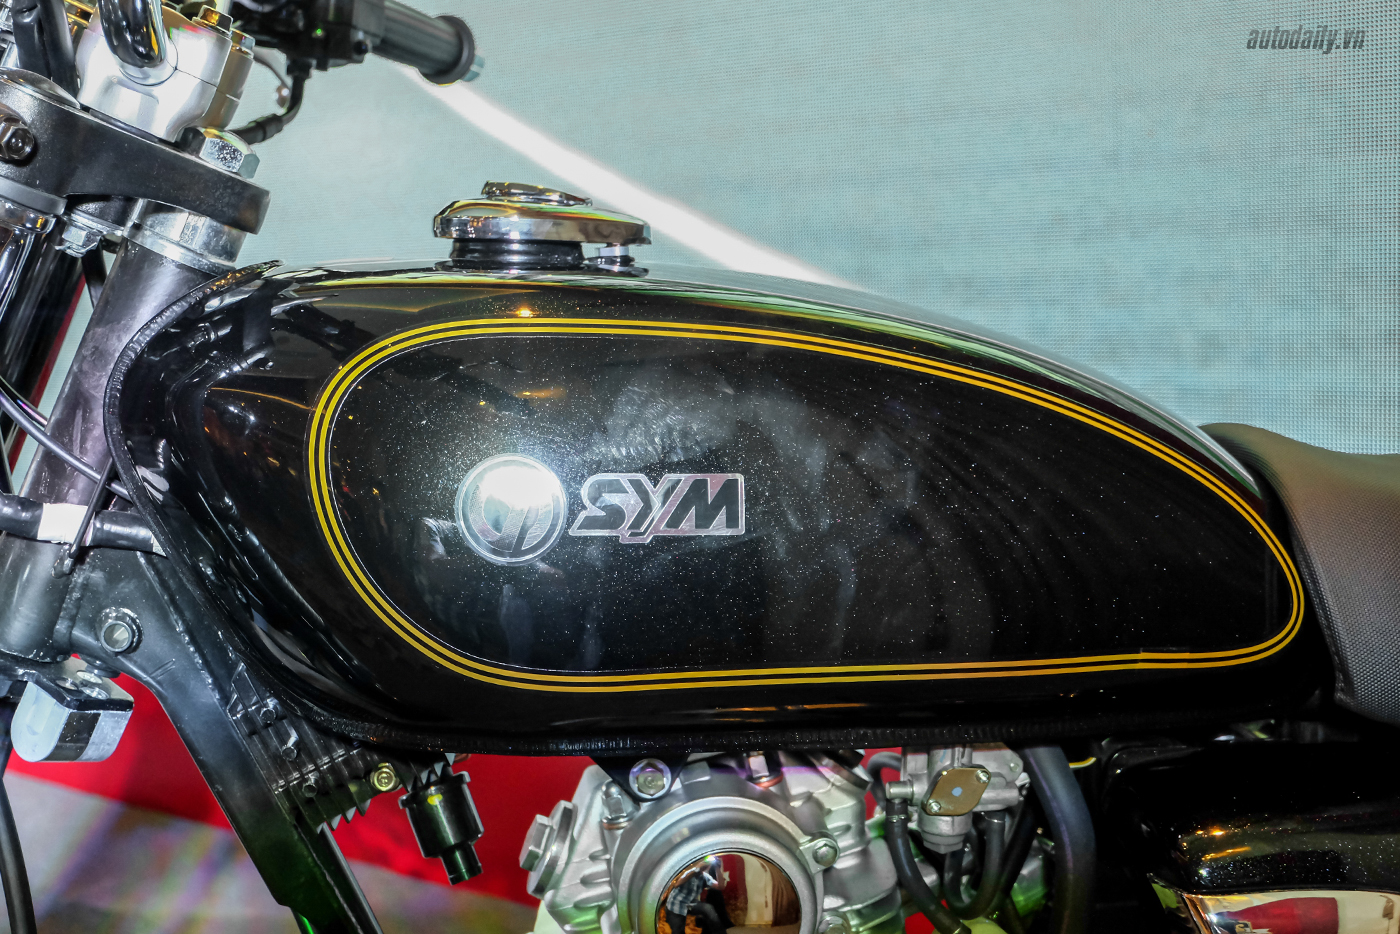 sym-husky-125-classic-10.jpg